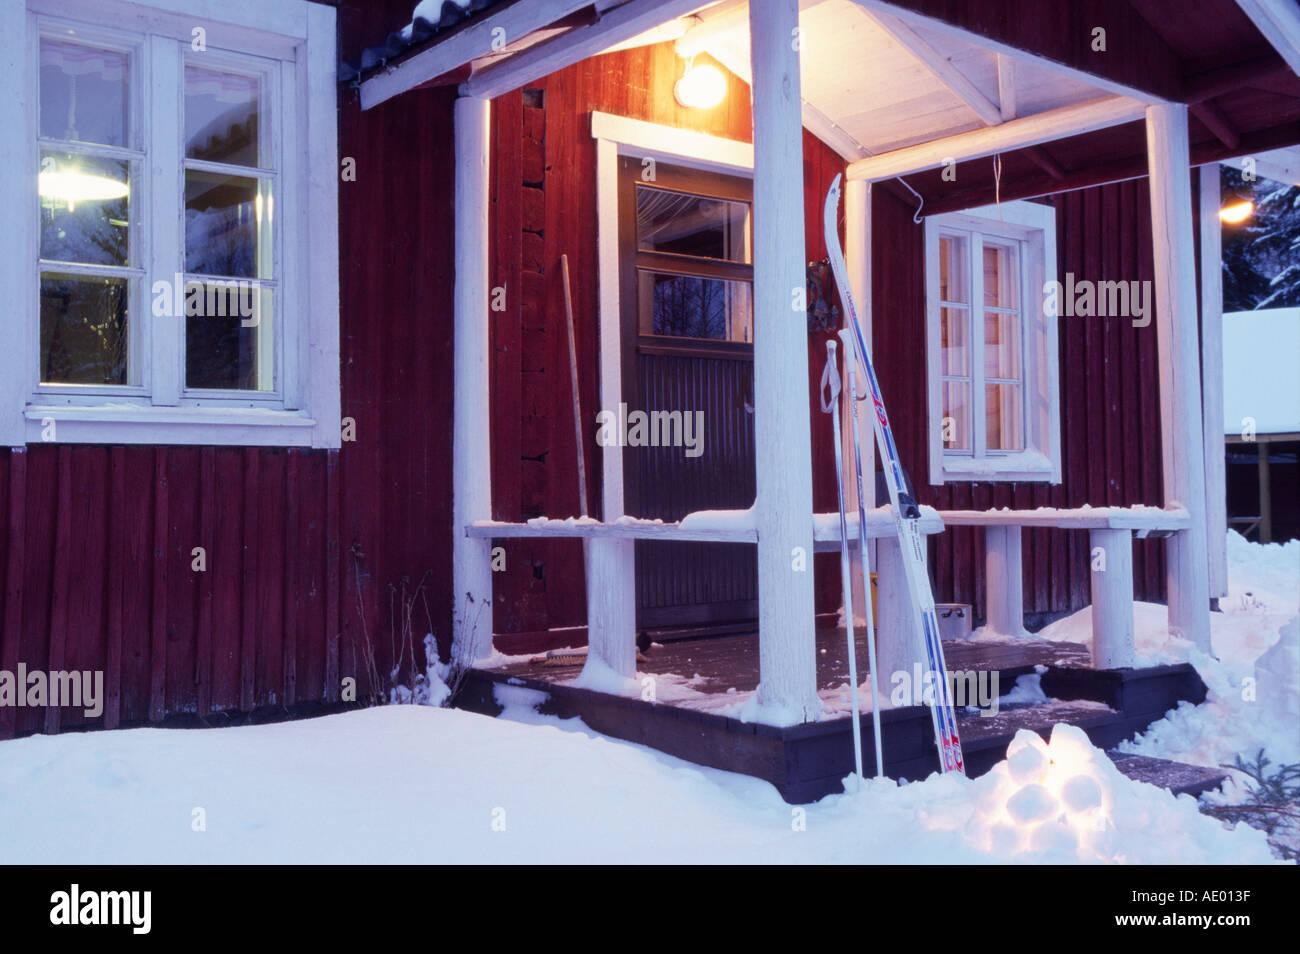 Finnisches haus mit schneeleuchte finland finish house with snowlight